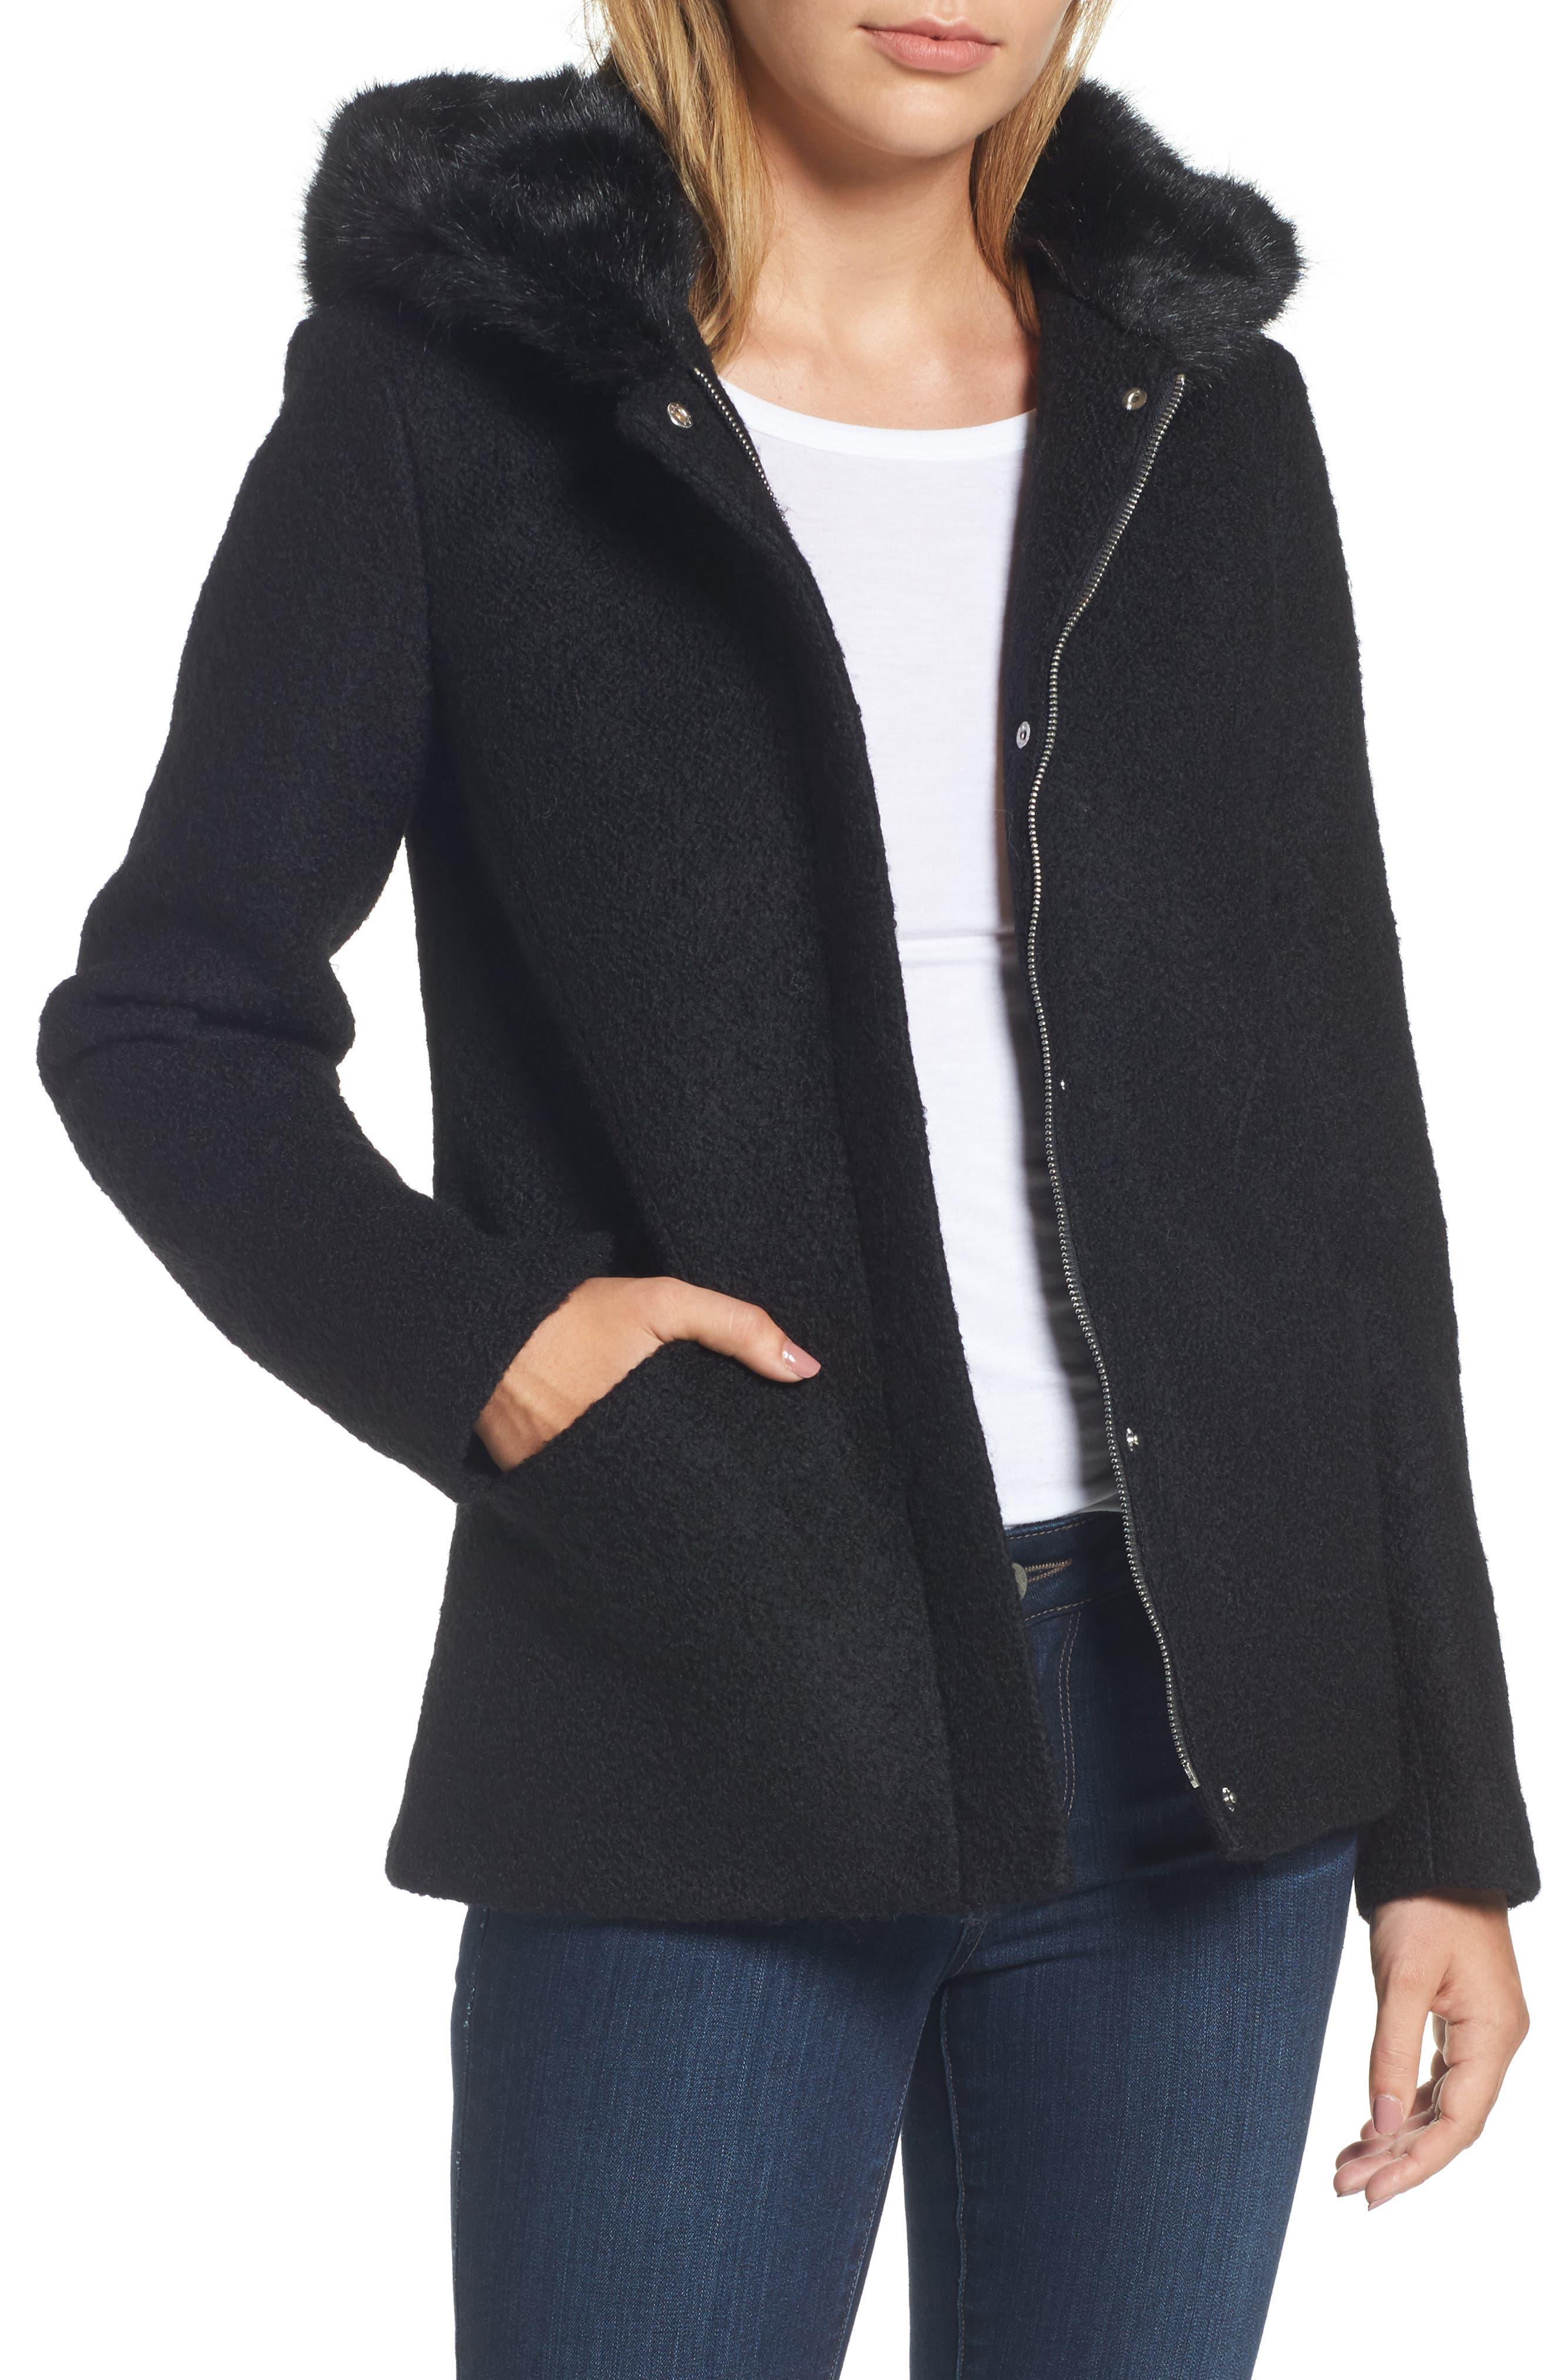 Hooded Wool Blend Bouclé Jacket with Faux Fur Trim,                             Main thumbnail 1, color,                             001